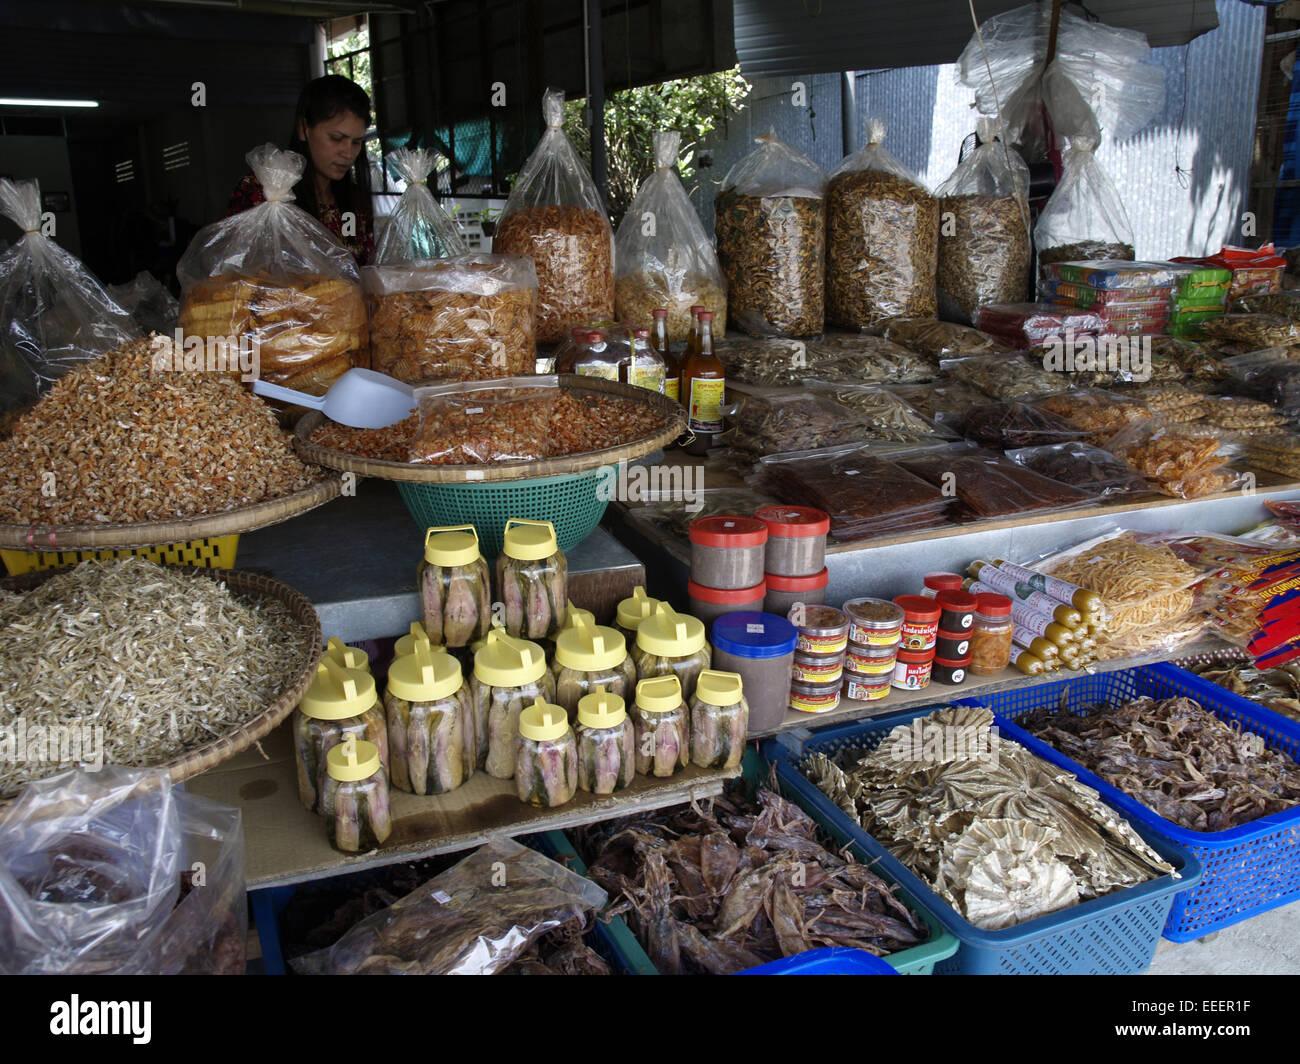 Verkauf, verkaufen, Thaifood, Thai Food, Spezialitaet, Einkauf, Essen, Farbe, Maerkte, Markt, Marktstand, Asien, - Stock Image